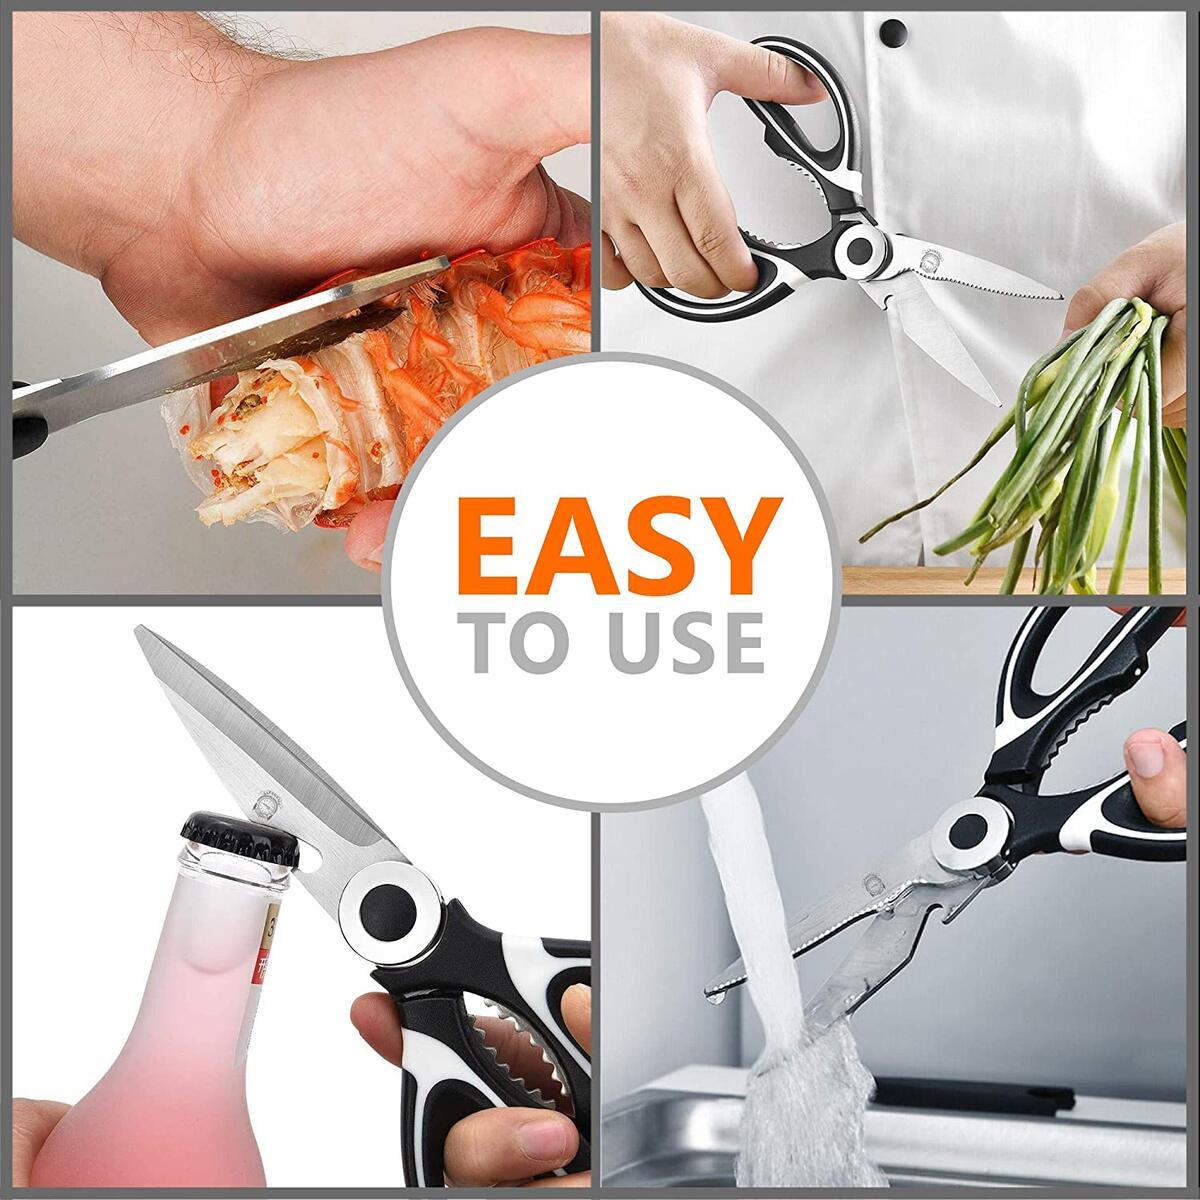 Kitchen Shears - Ultra Sharp Premium Heavy Duty Kitchen Shears